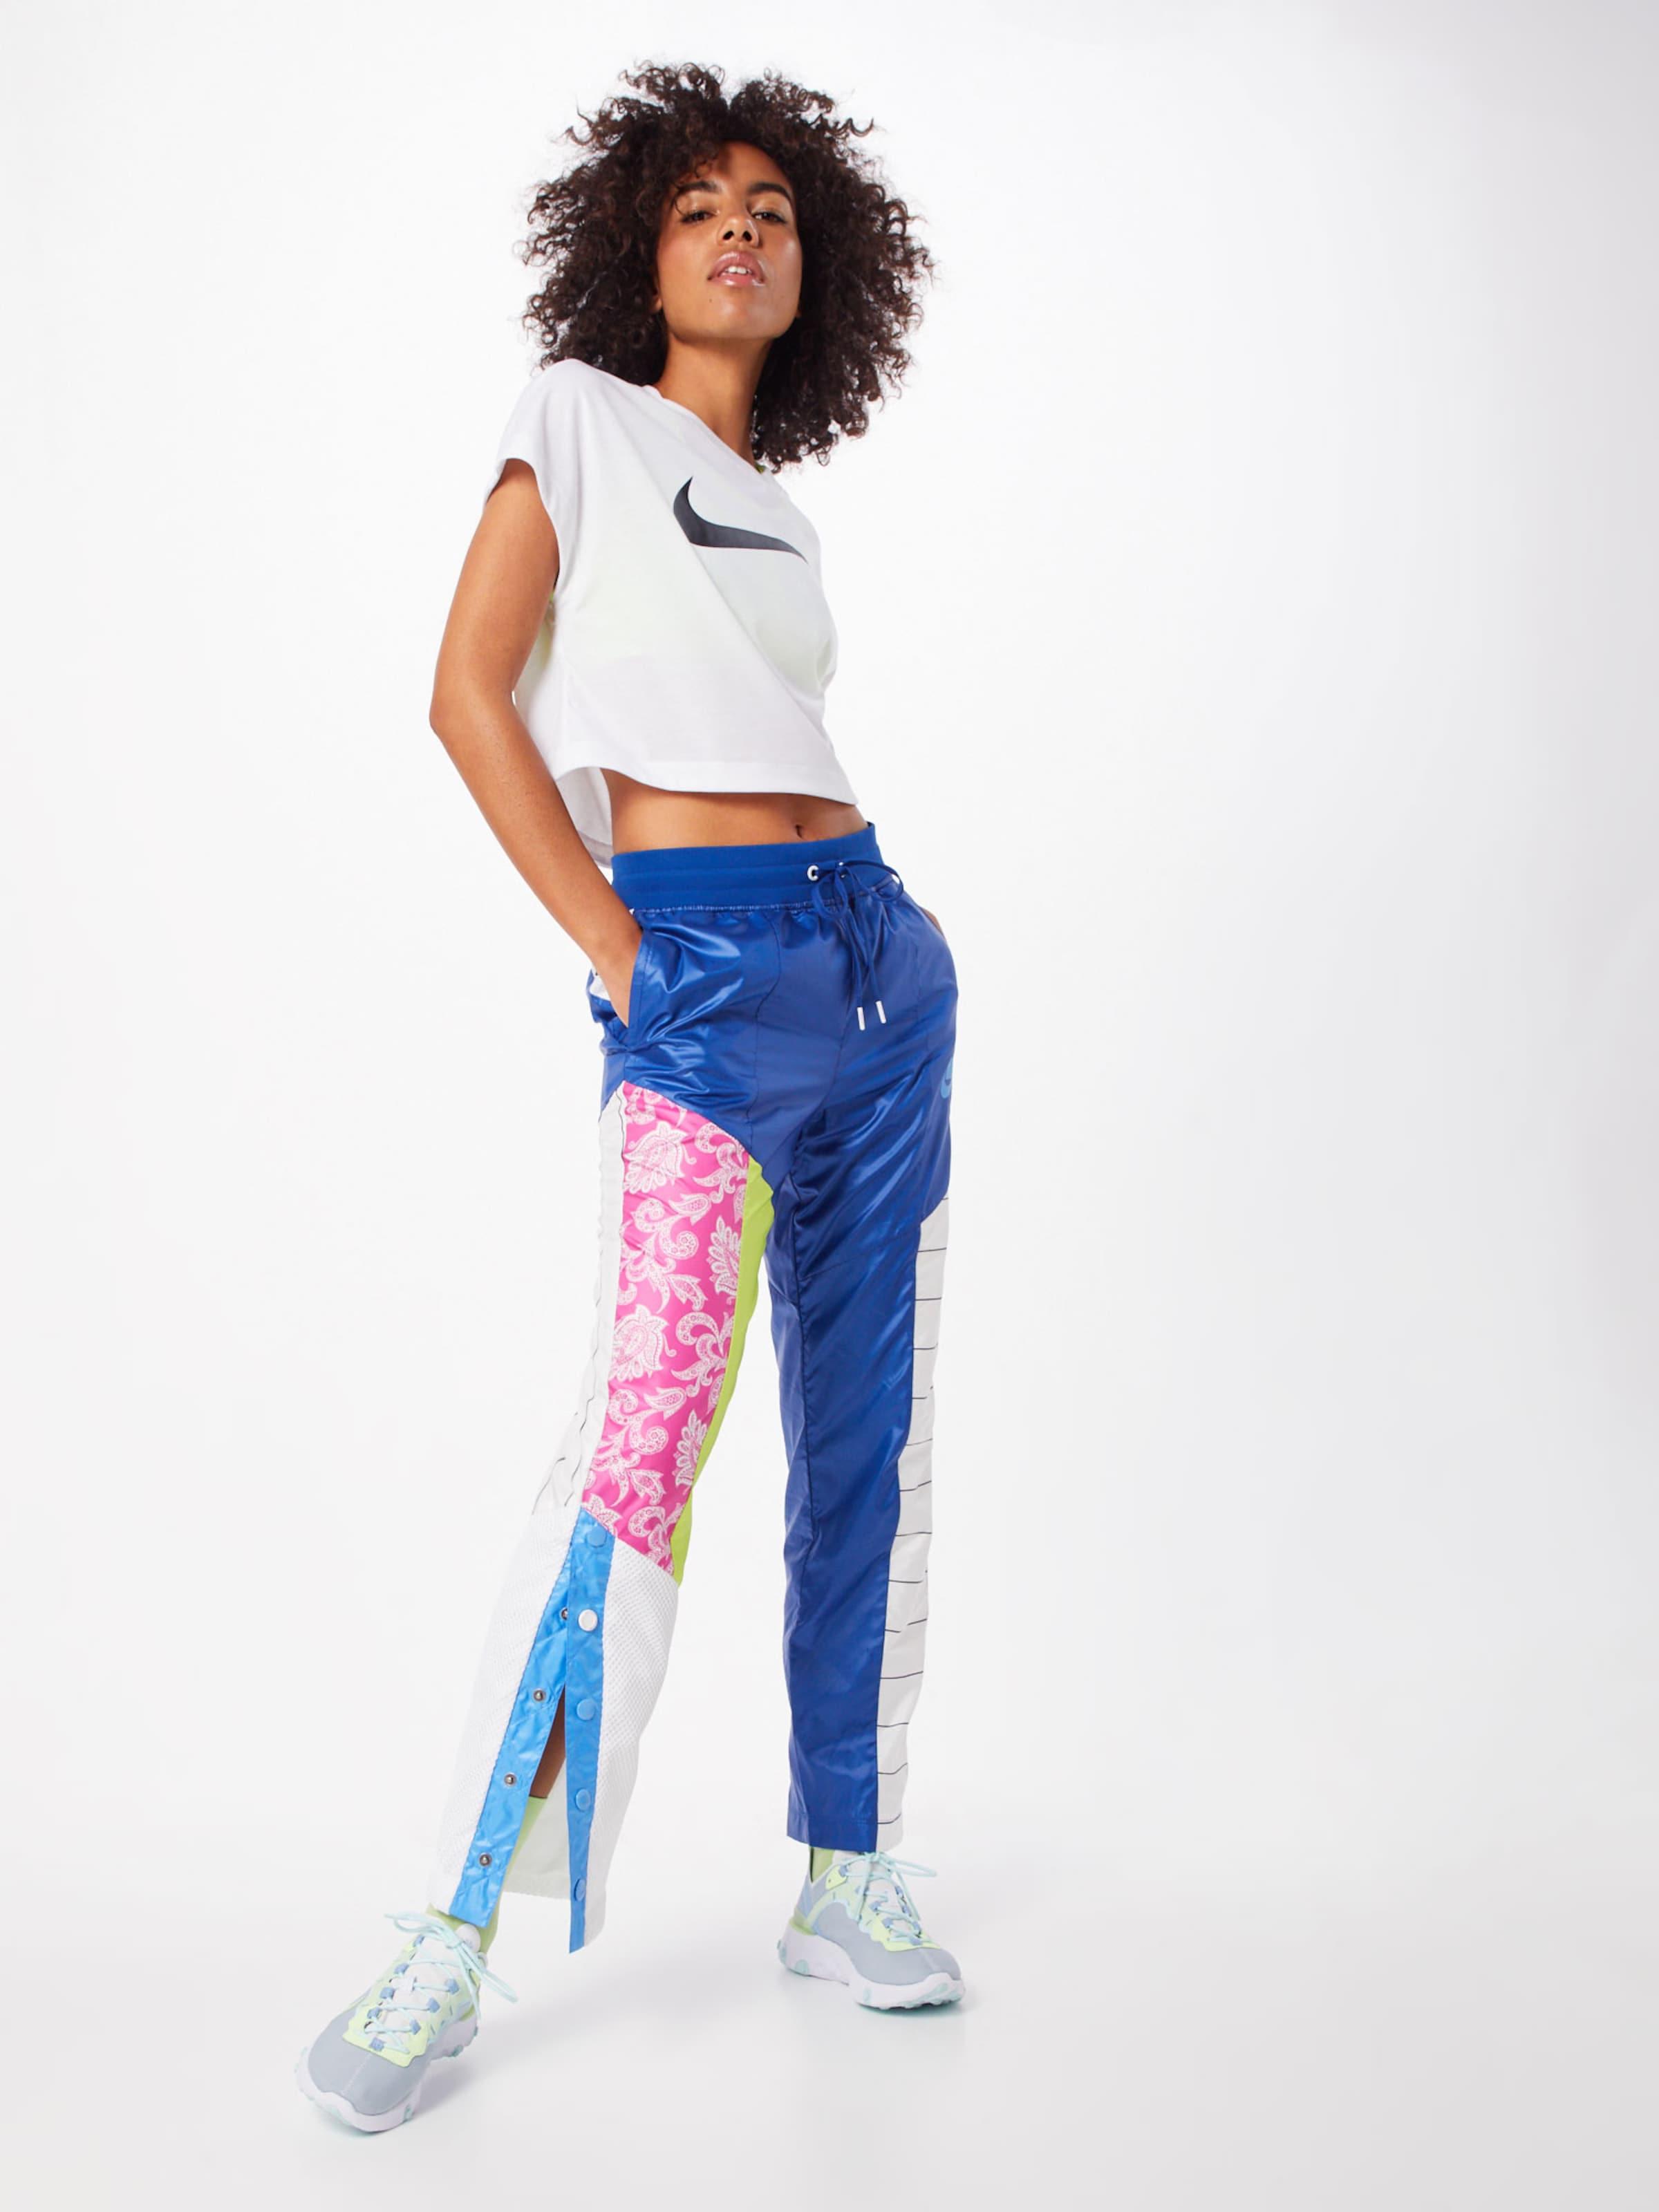 Sportswear Pantalon Blanc En Nike BleuMélange De Couleurs redBoQWCx